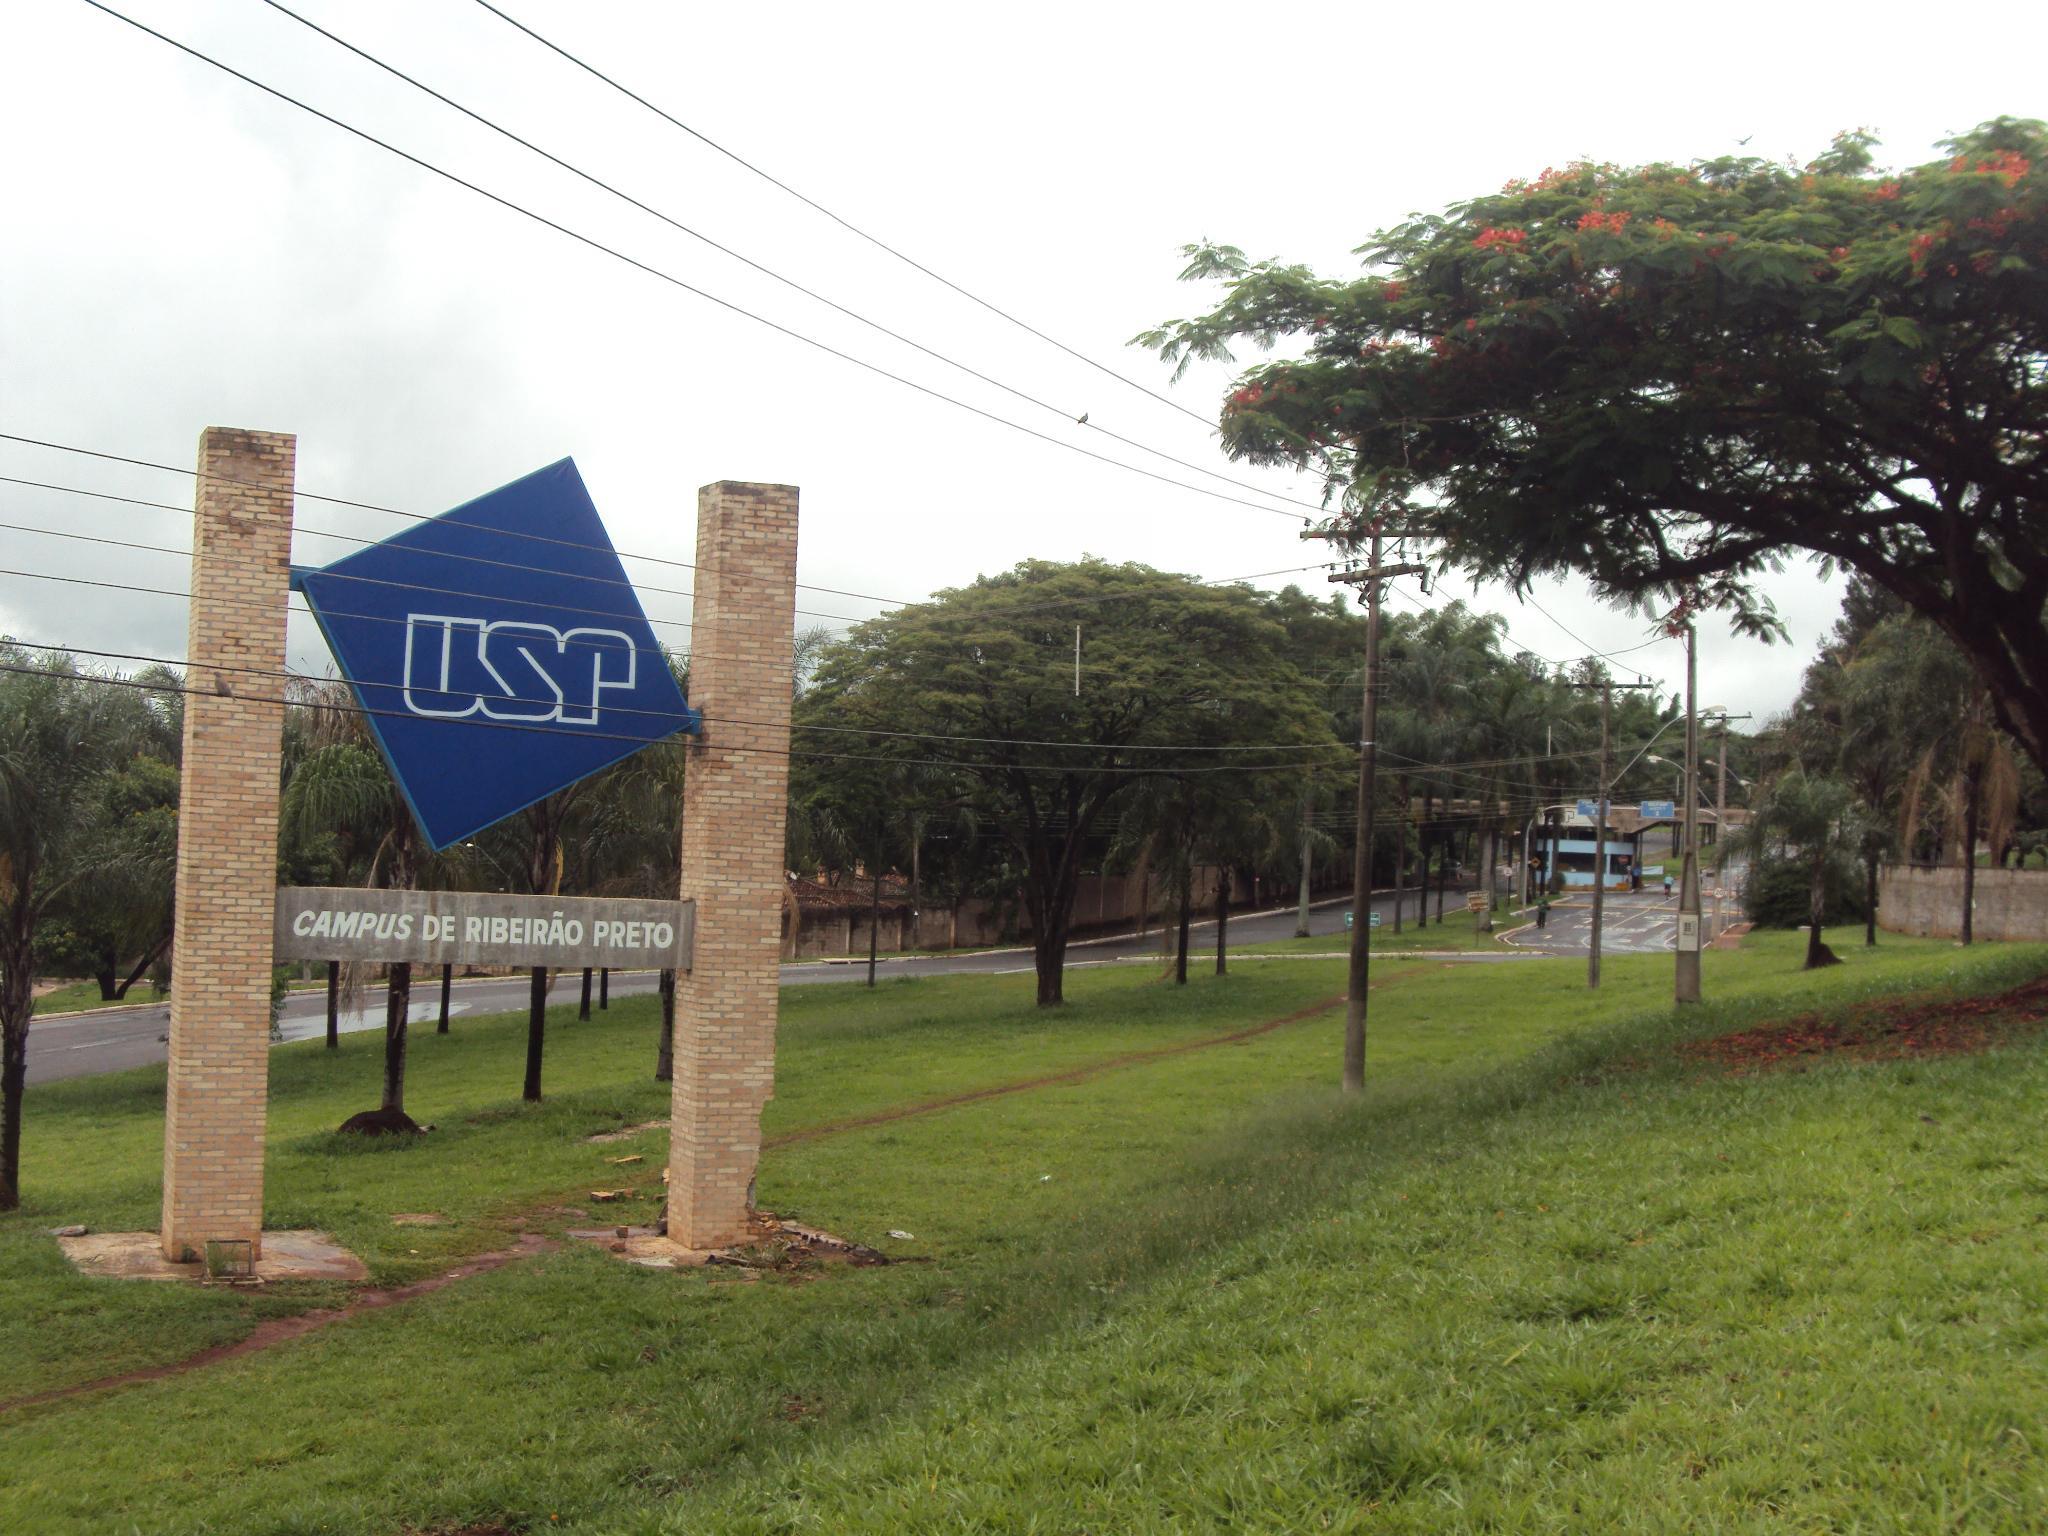 USP e Unicamp aparecem como as melhores universidades brasileiras em ranking internacional